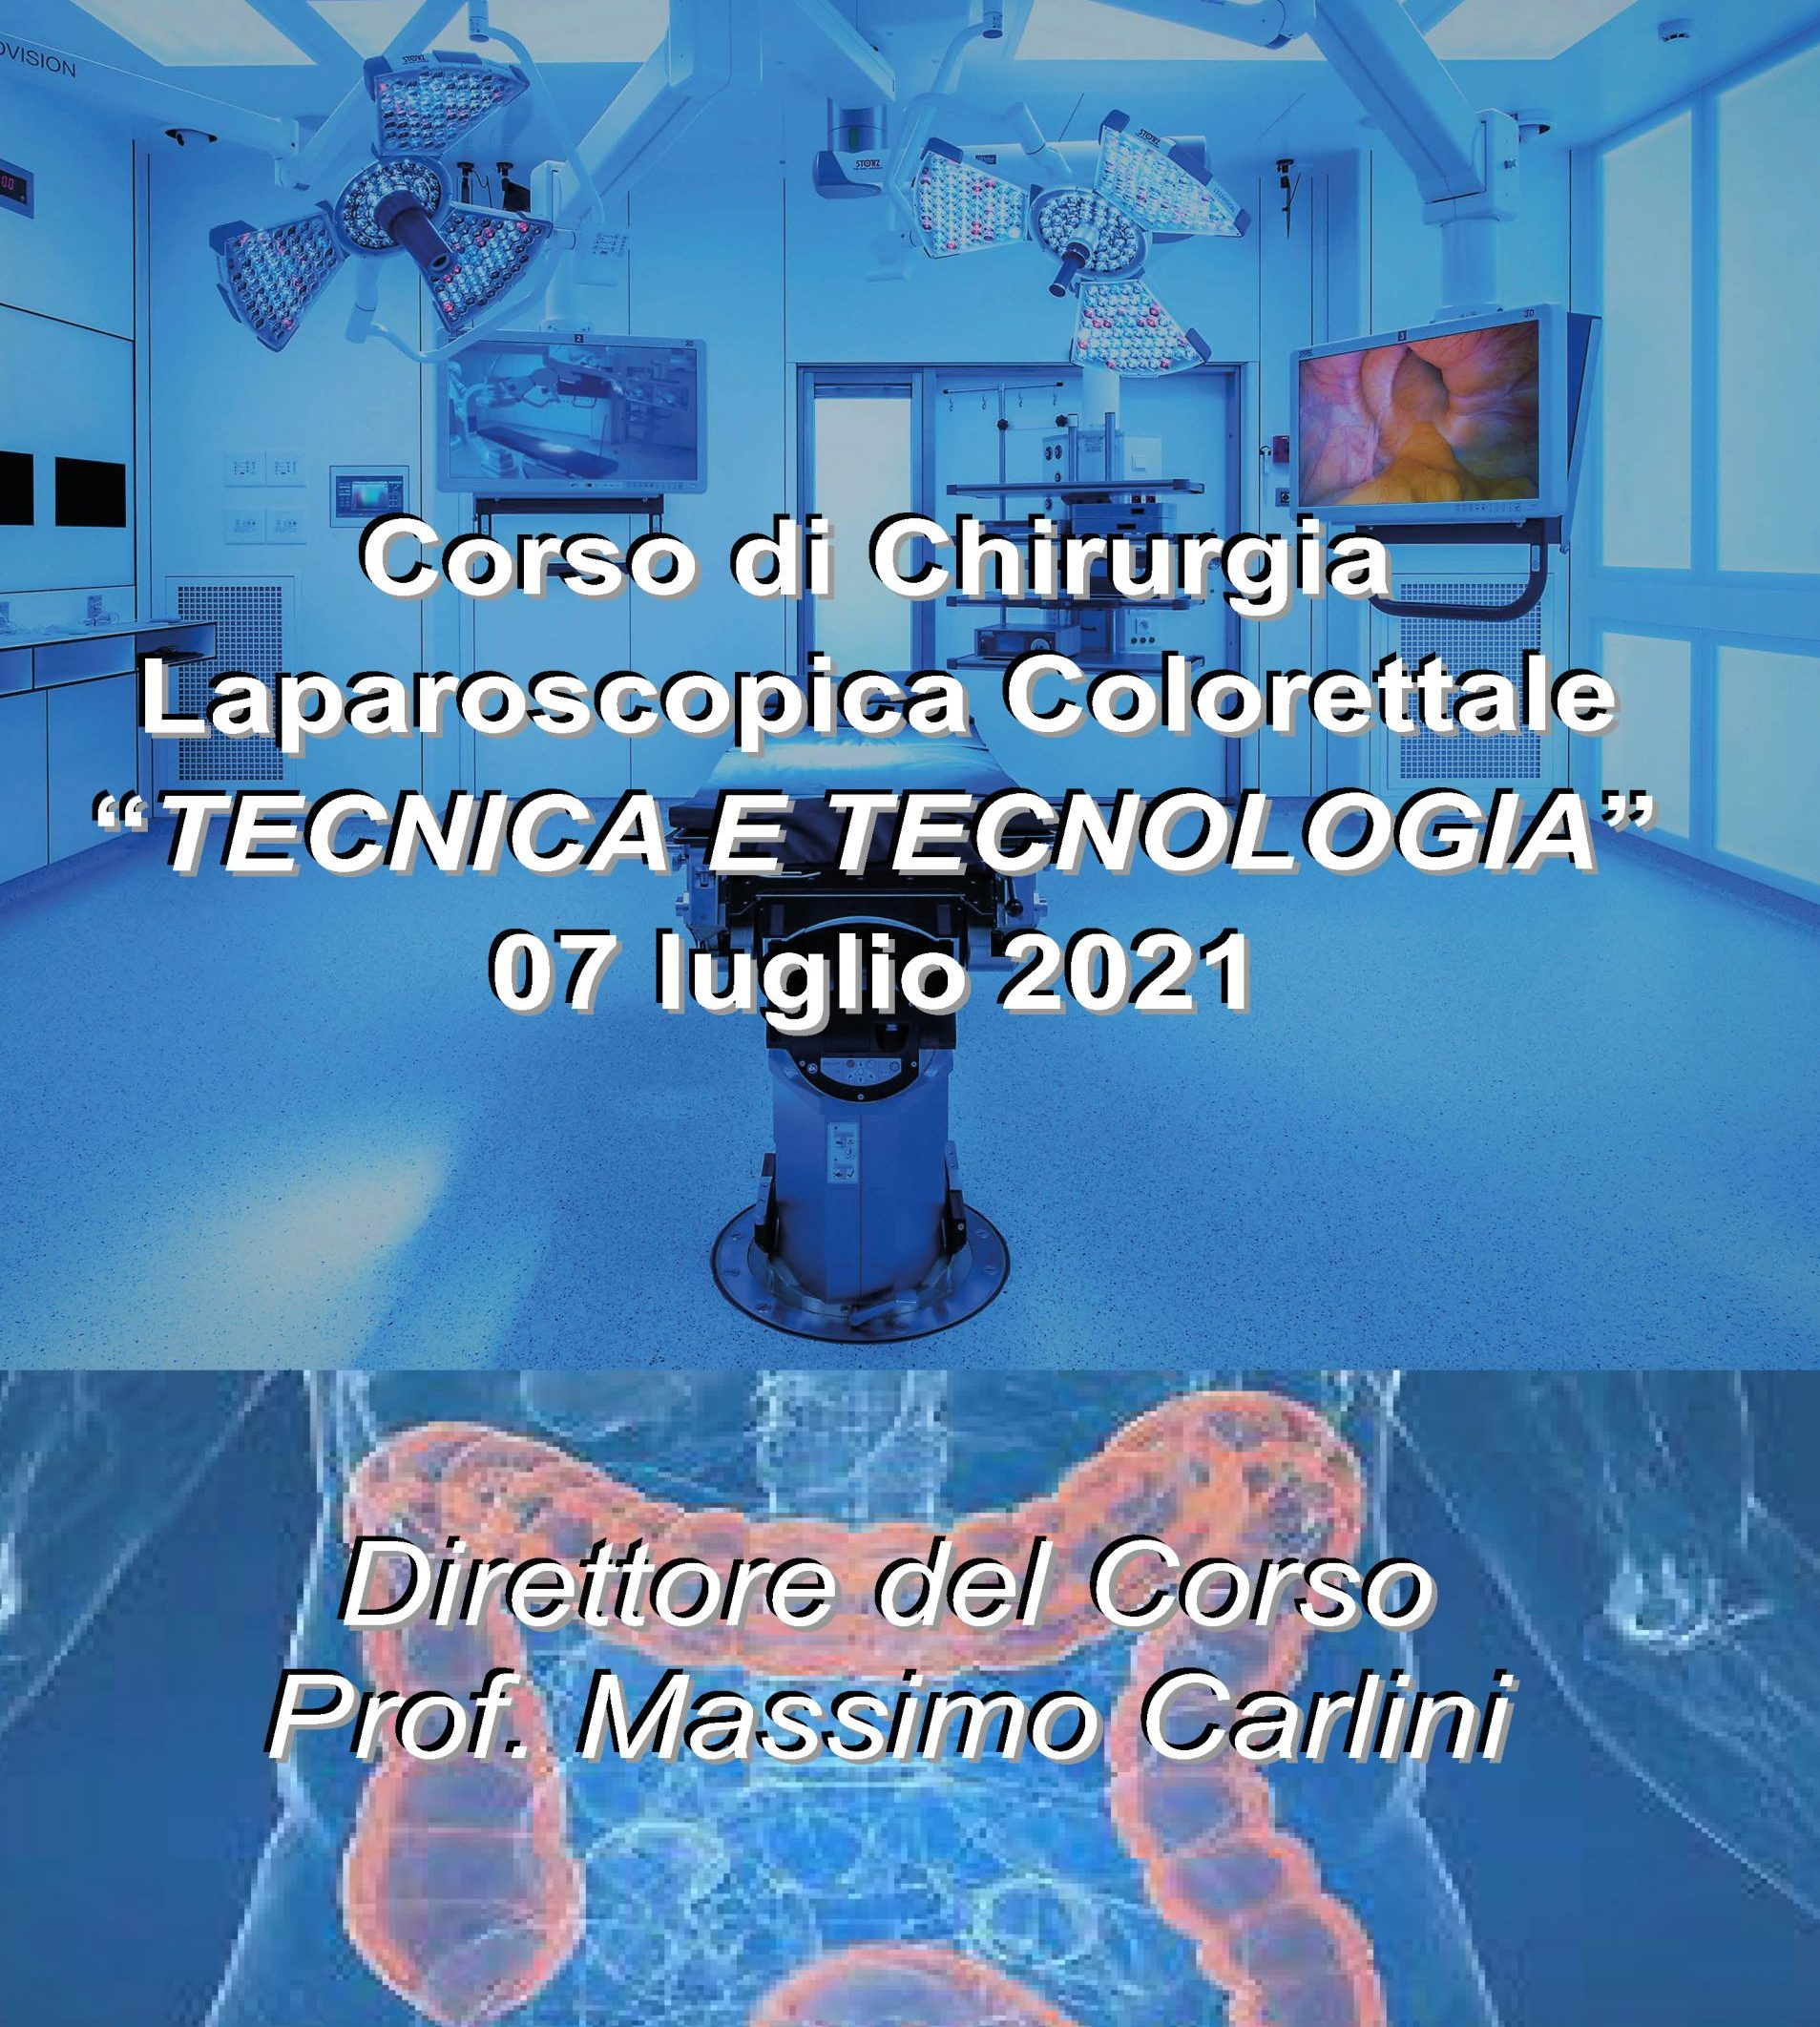 Corso di Chirurgia Laparoscopica Colorettale